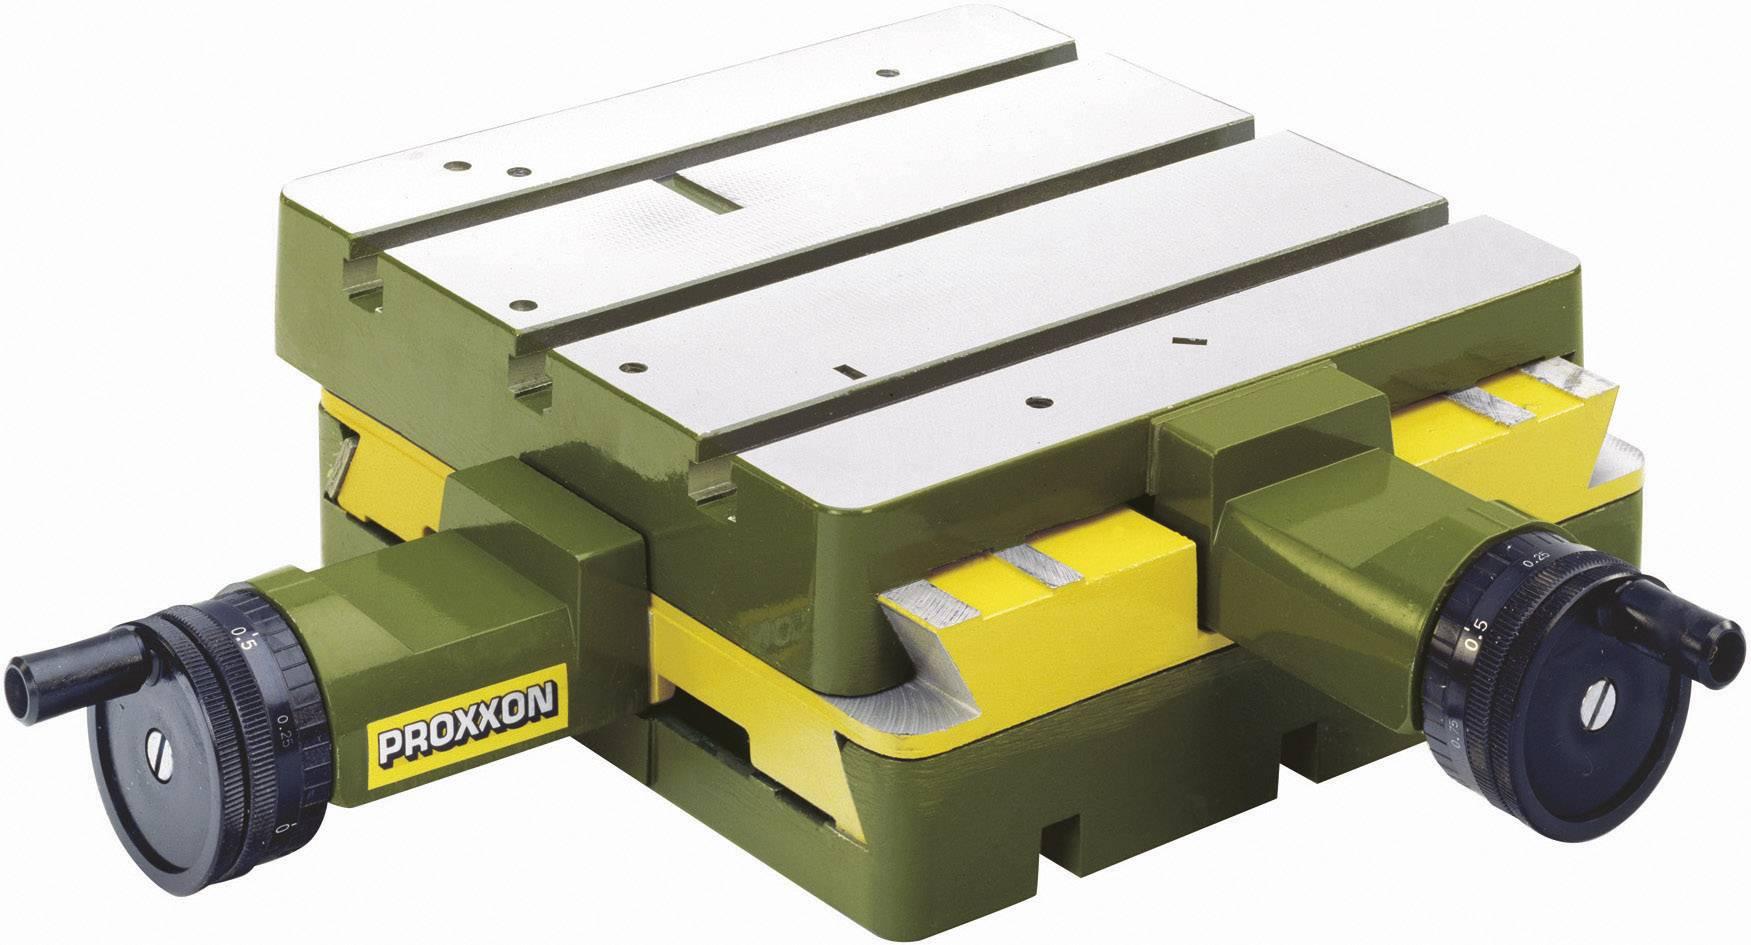 Křížový stůl Proxxon Micromot Micromot KT 150